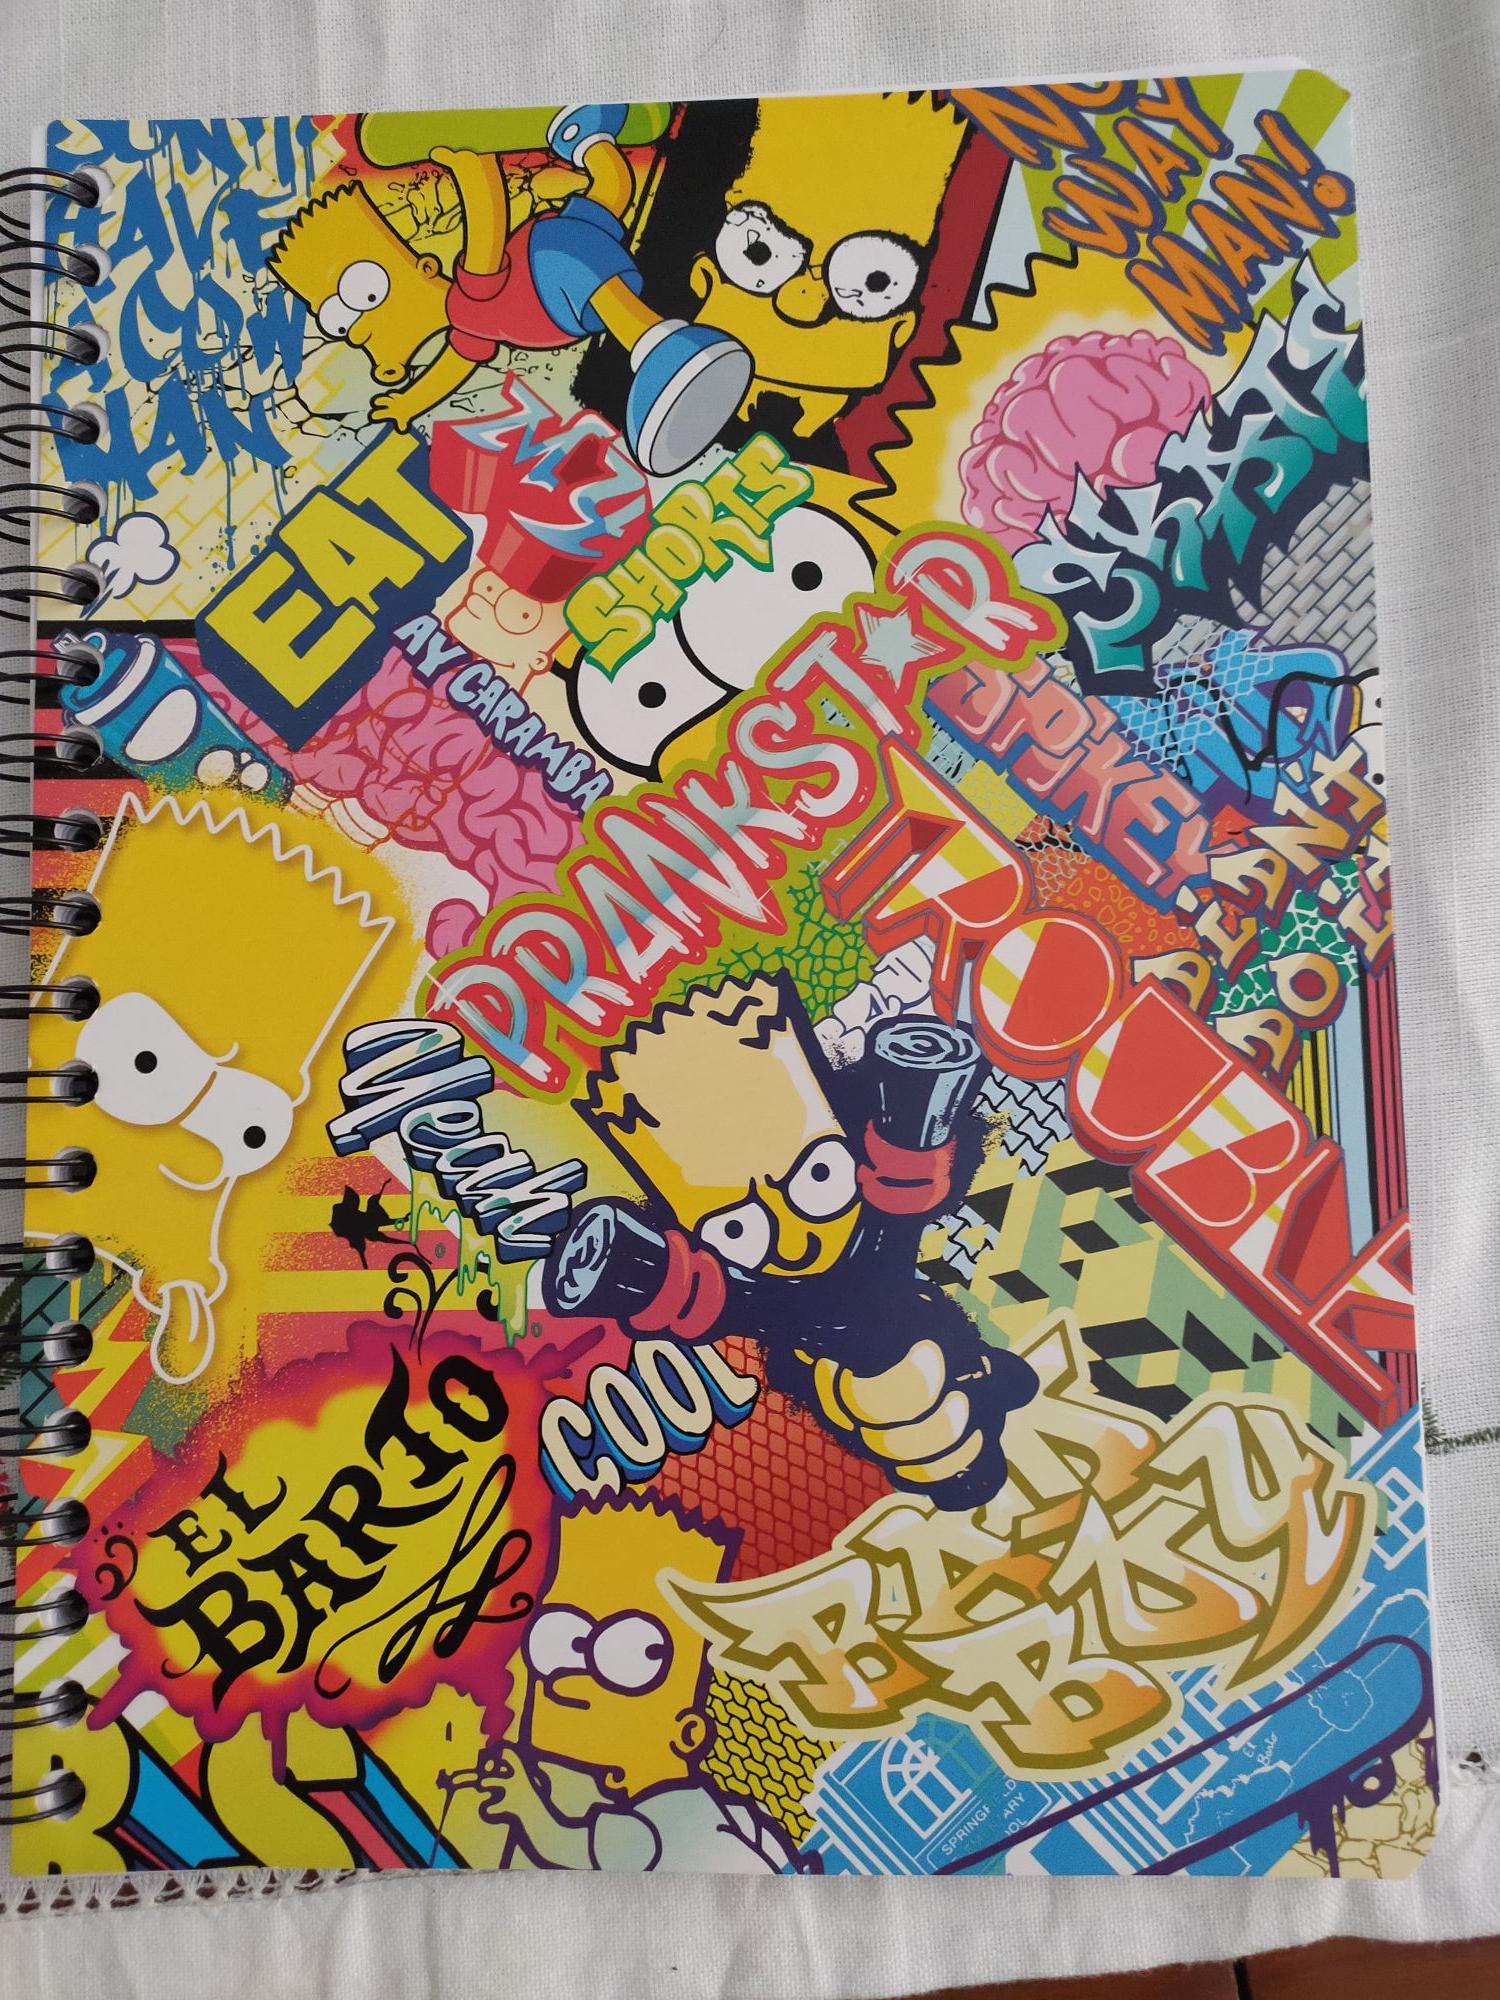 Cuadernos de los Simpsons Walmart Plaza Galerías Zapopan, Jalisco